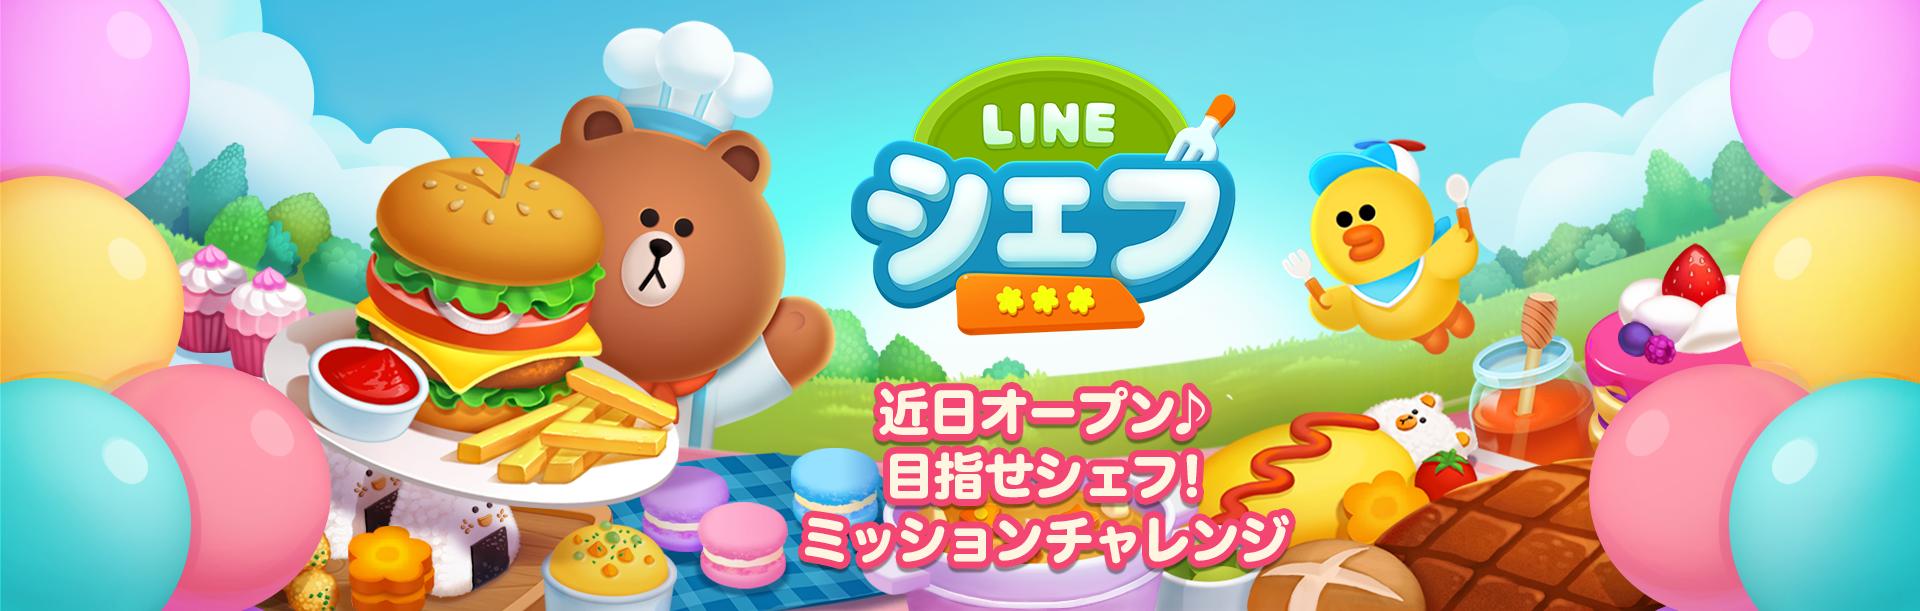 ゲームのLINEシェフ登録でファミマカフェコーヒーやミスドギフト500円分が抽選で3000名に当たる。